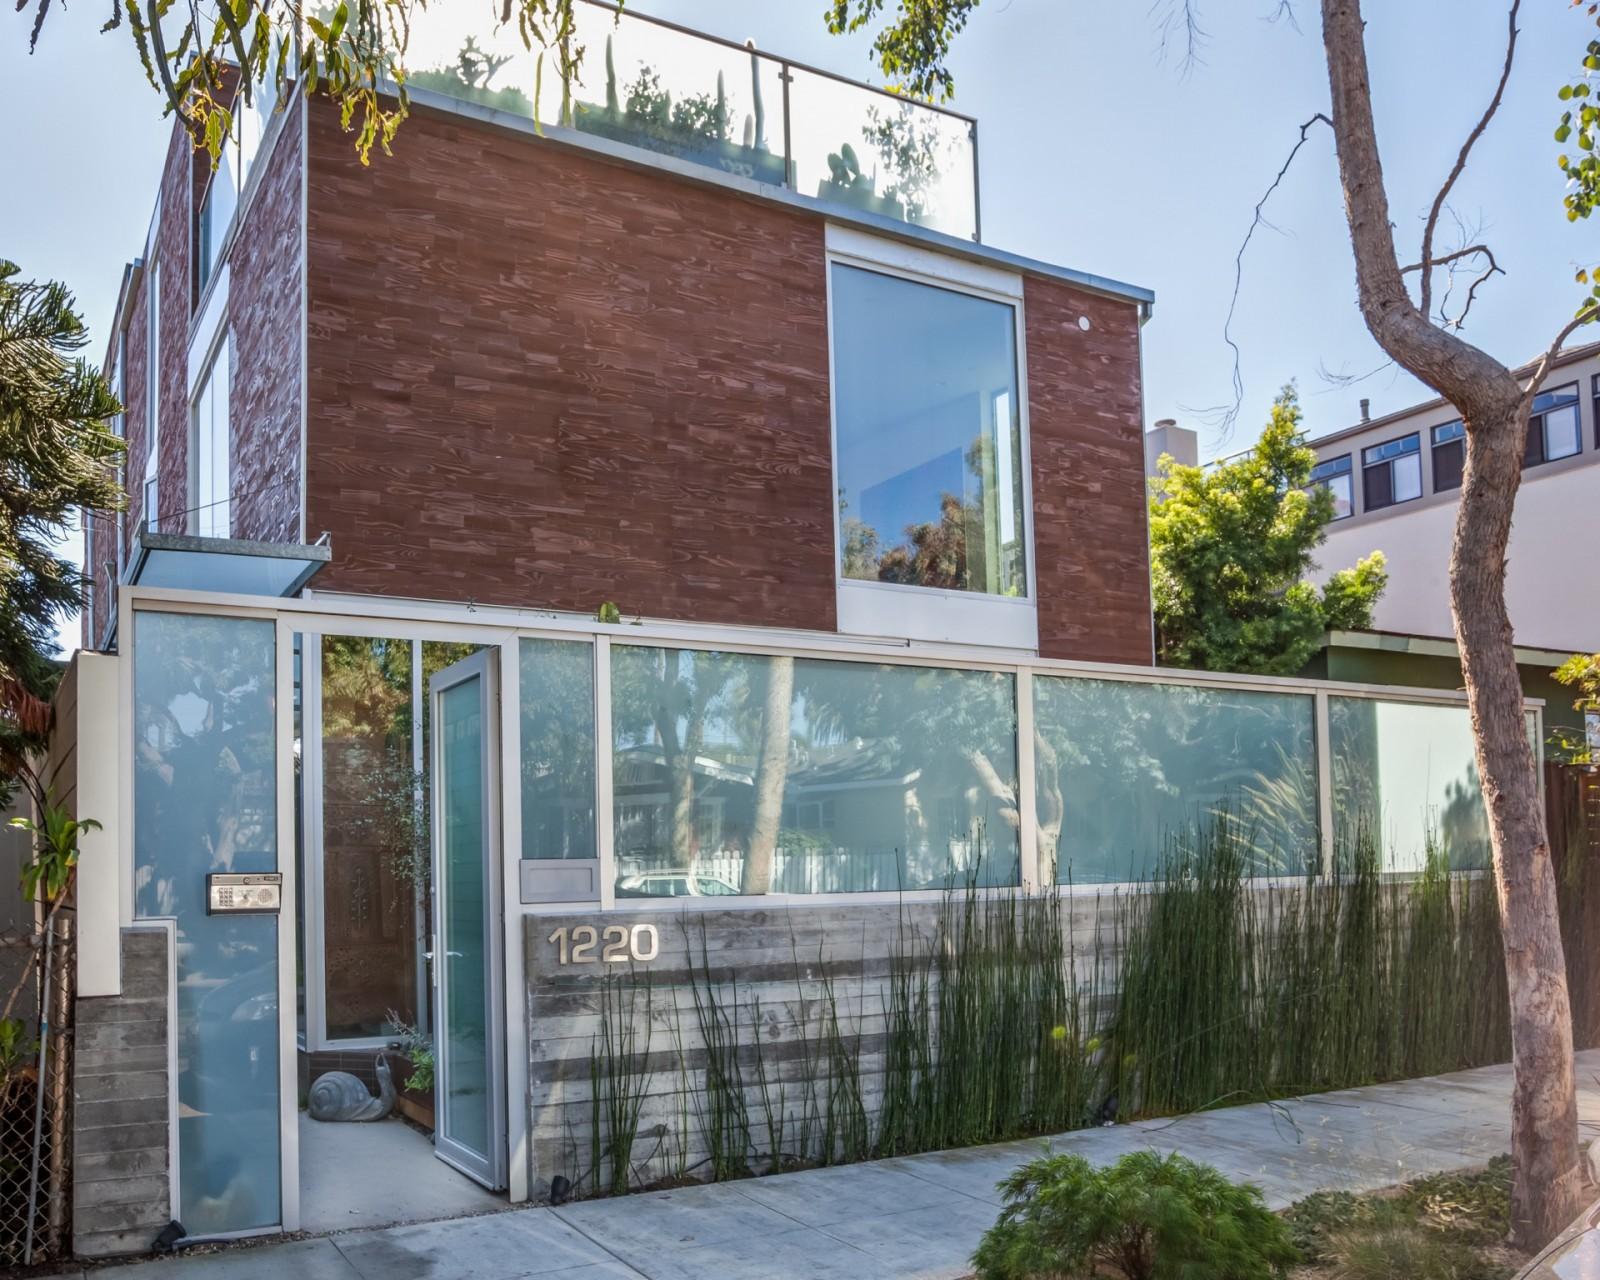 La fachada de la casa de lujo de Venice Beach